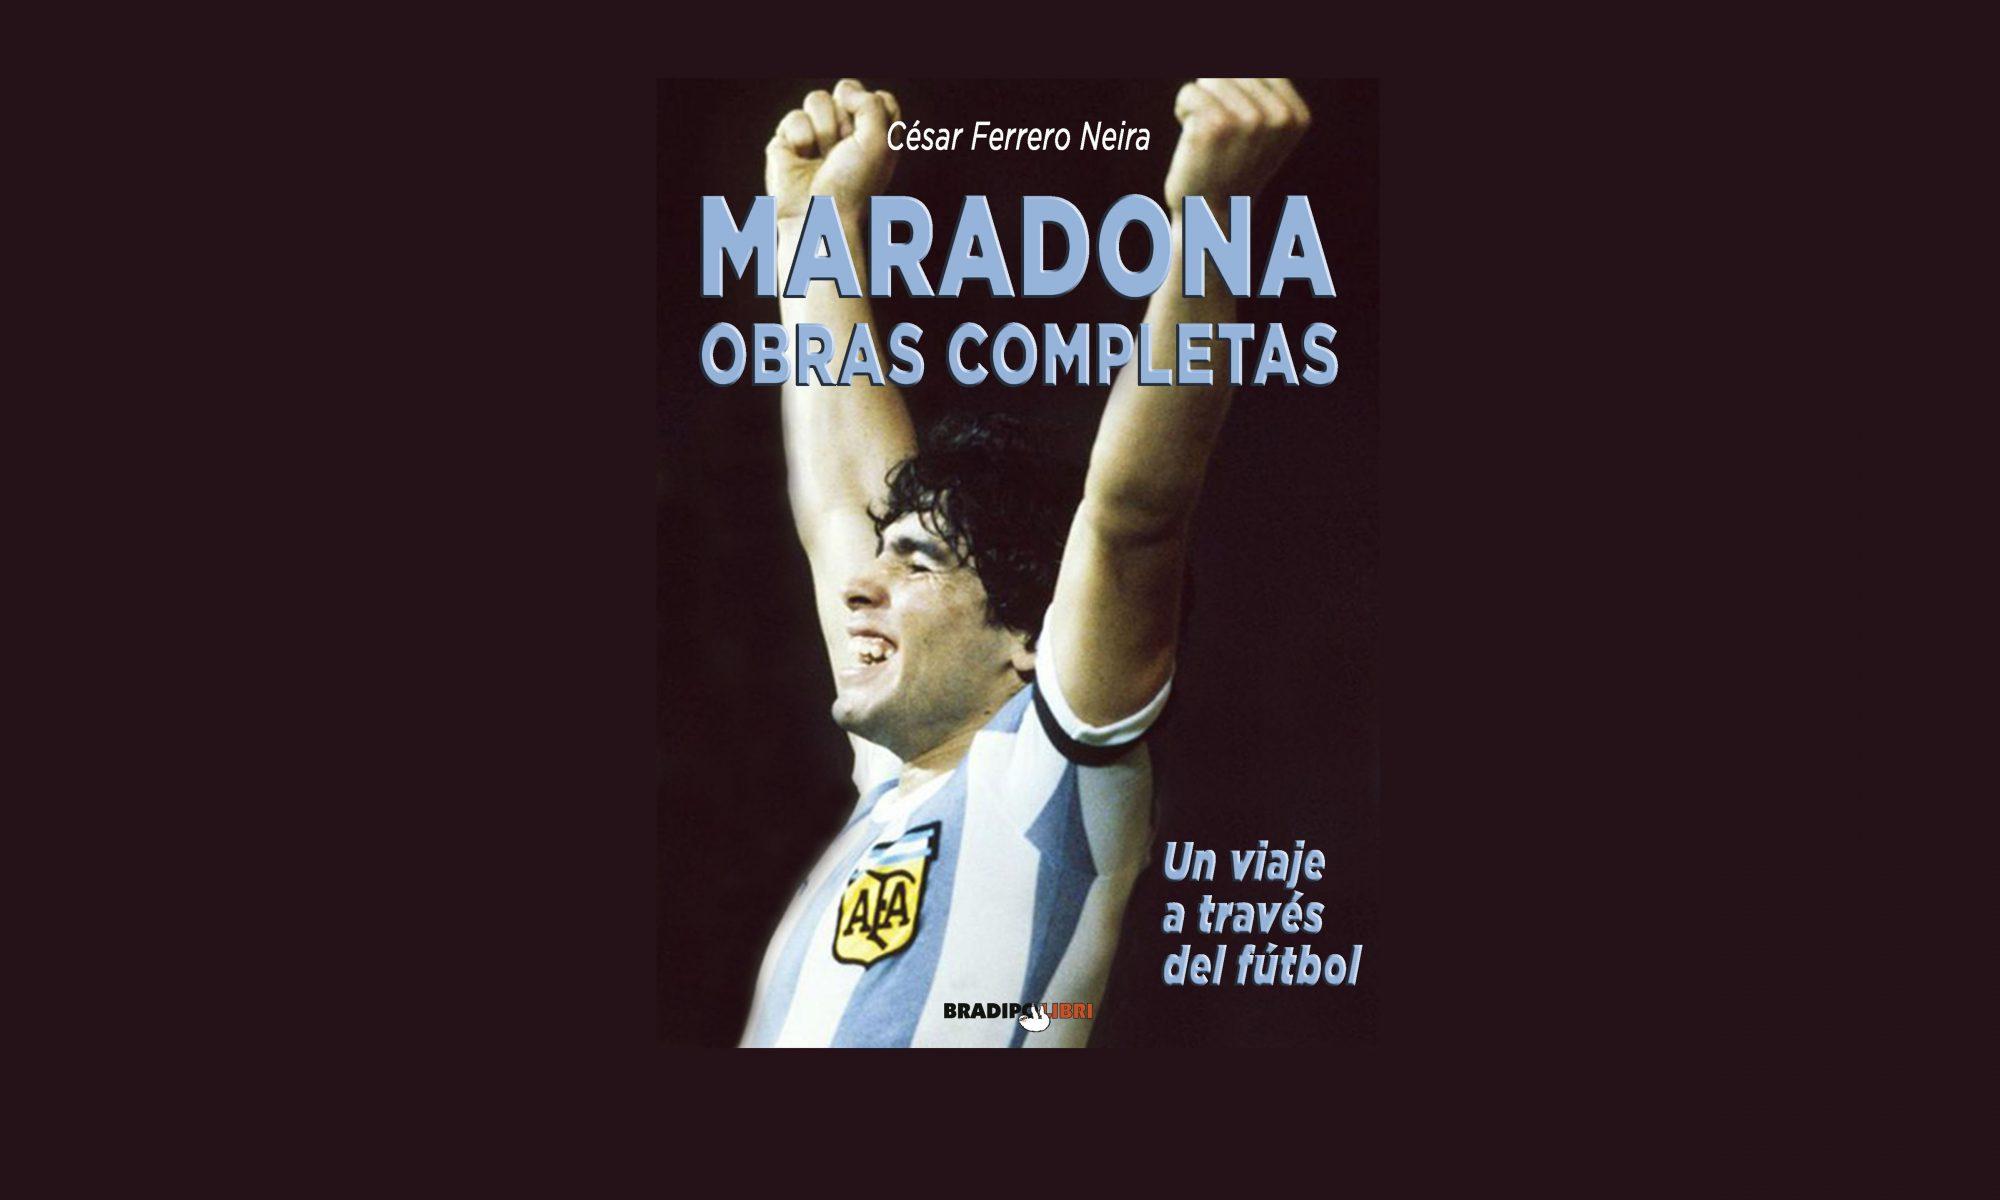 Maradona, Obras Completas